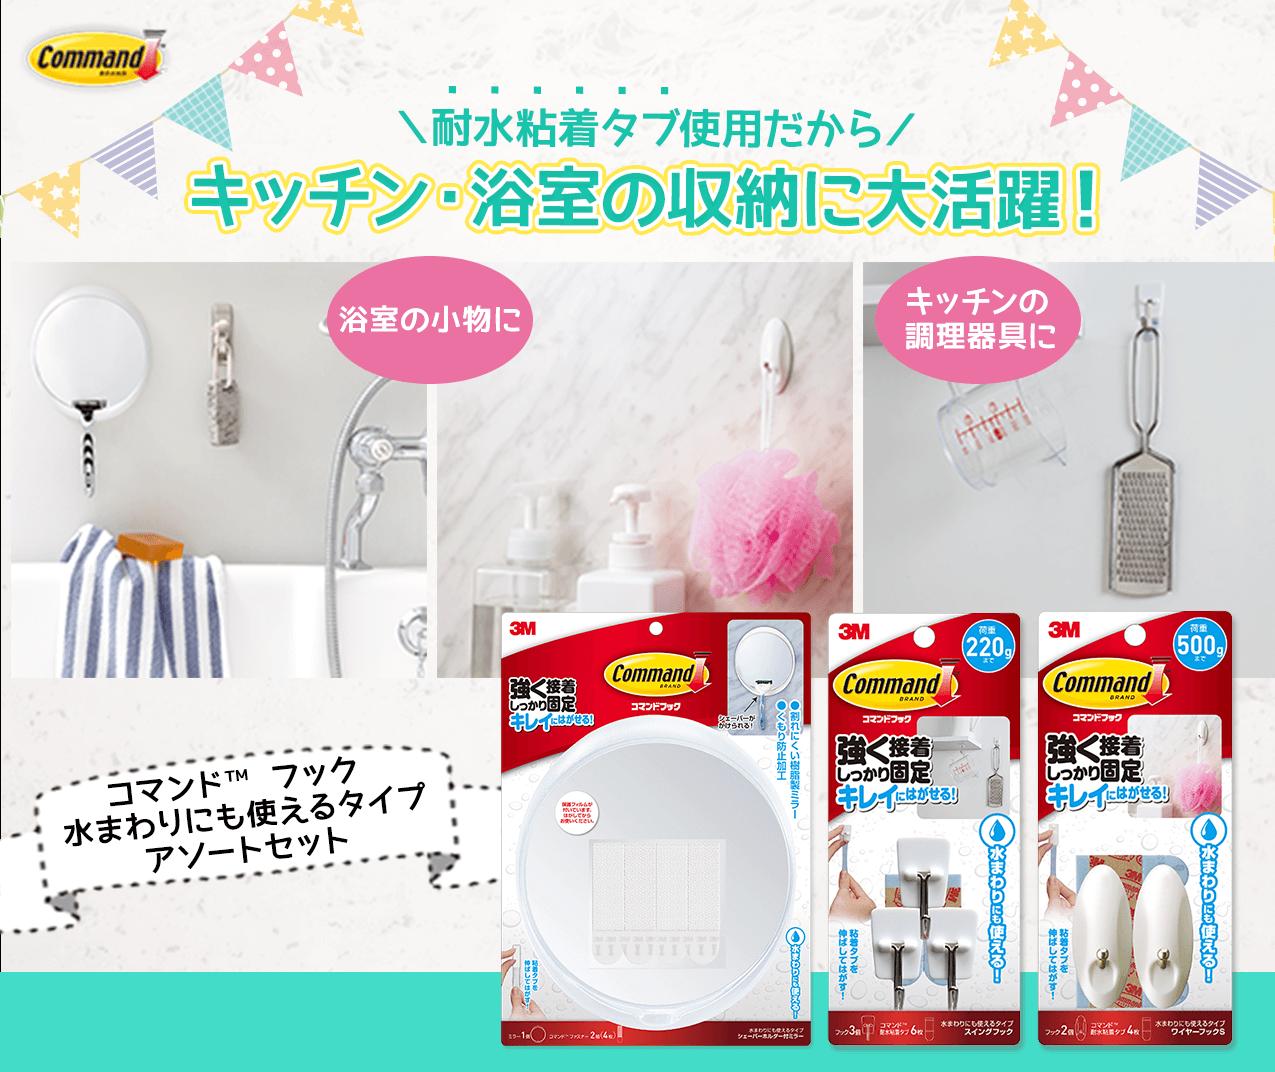 \耐水粘着タブ使用だから/キッチン・浴室の収納に大活躍!コマンド™ フック          水まわりにも使えるタイプアソートセット